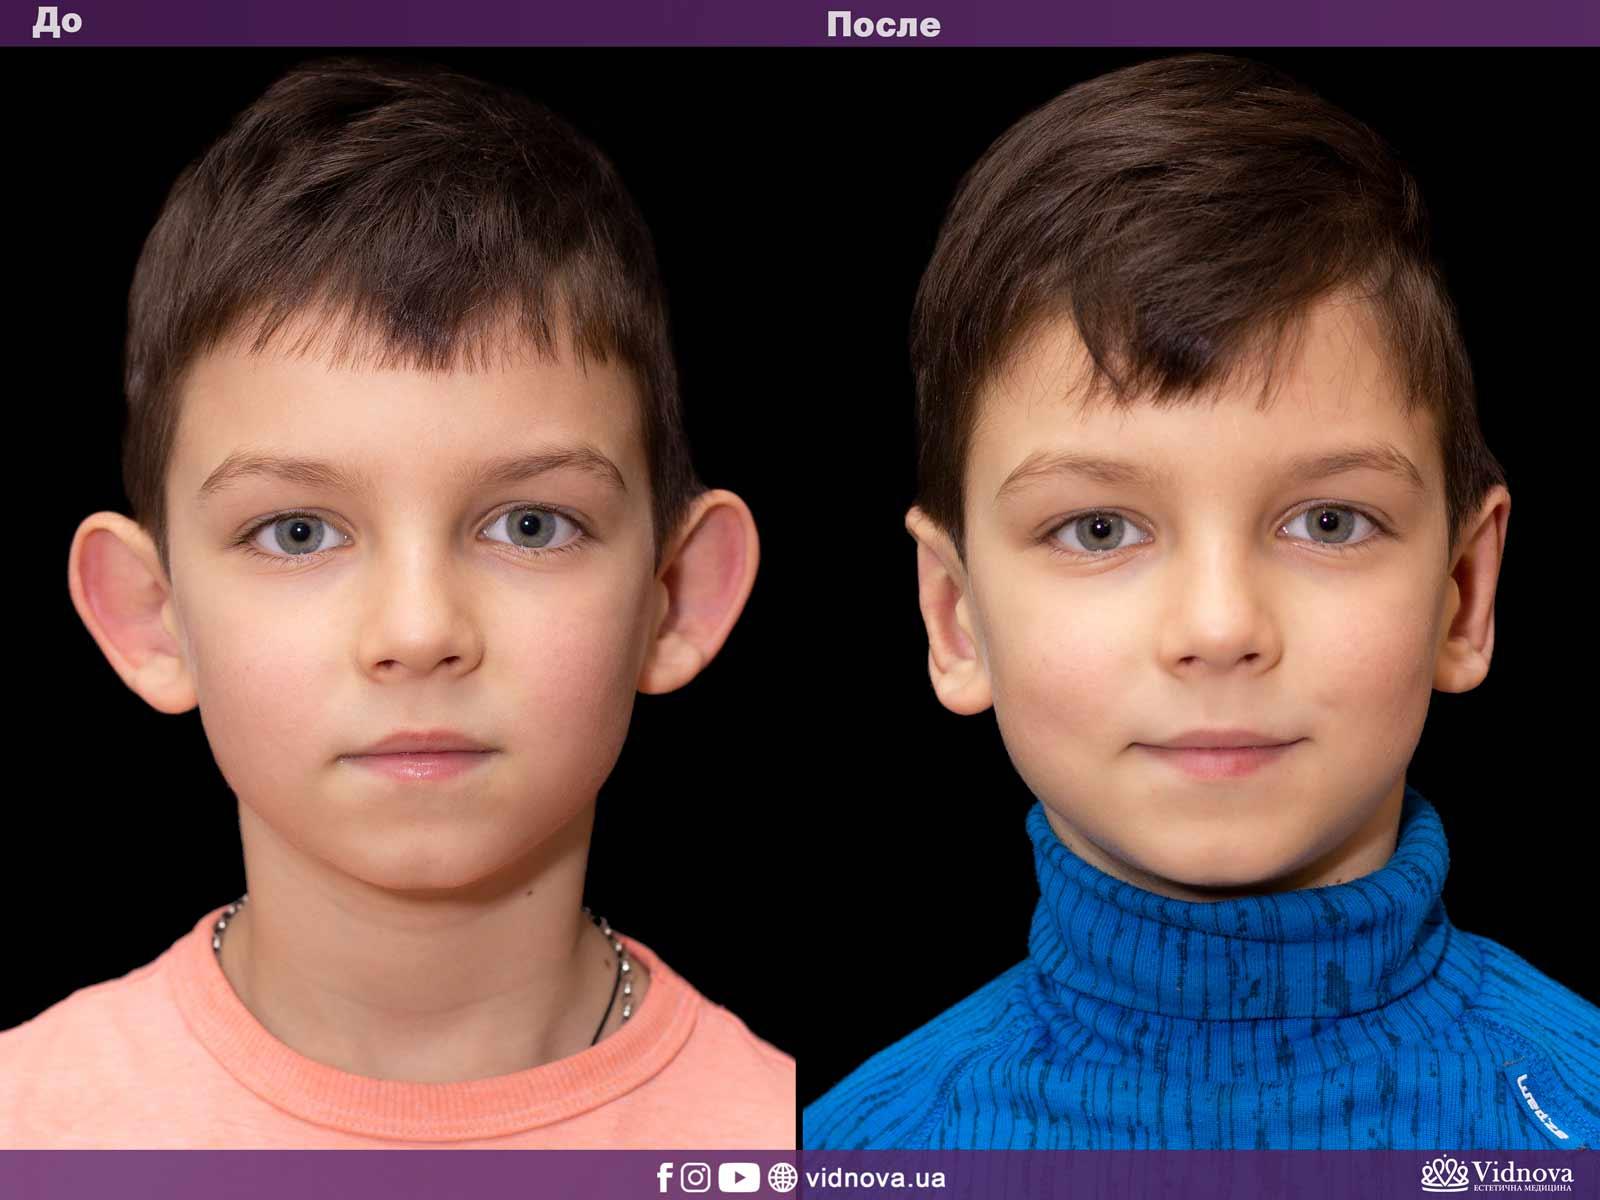 Отопластика: Фото До и После - Пример №4-1 - Клиника Vidnova